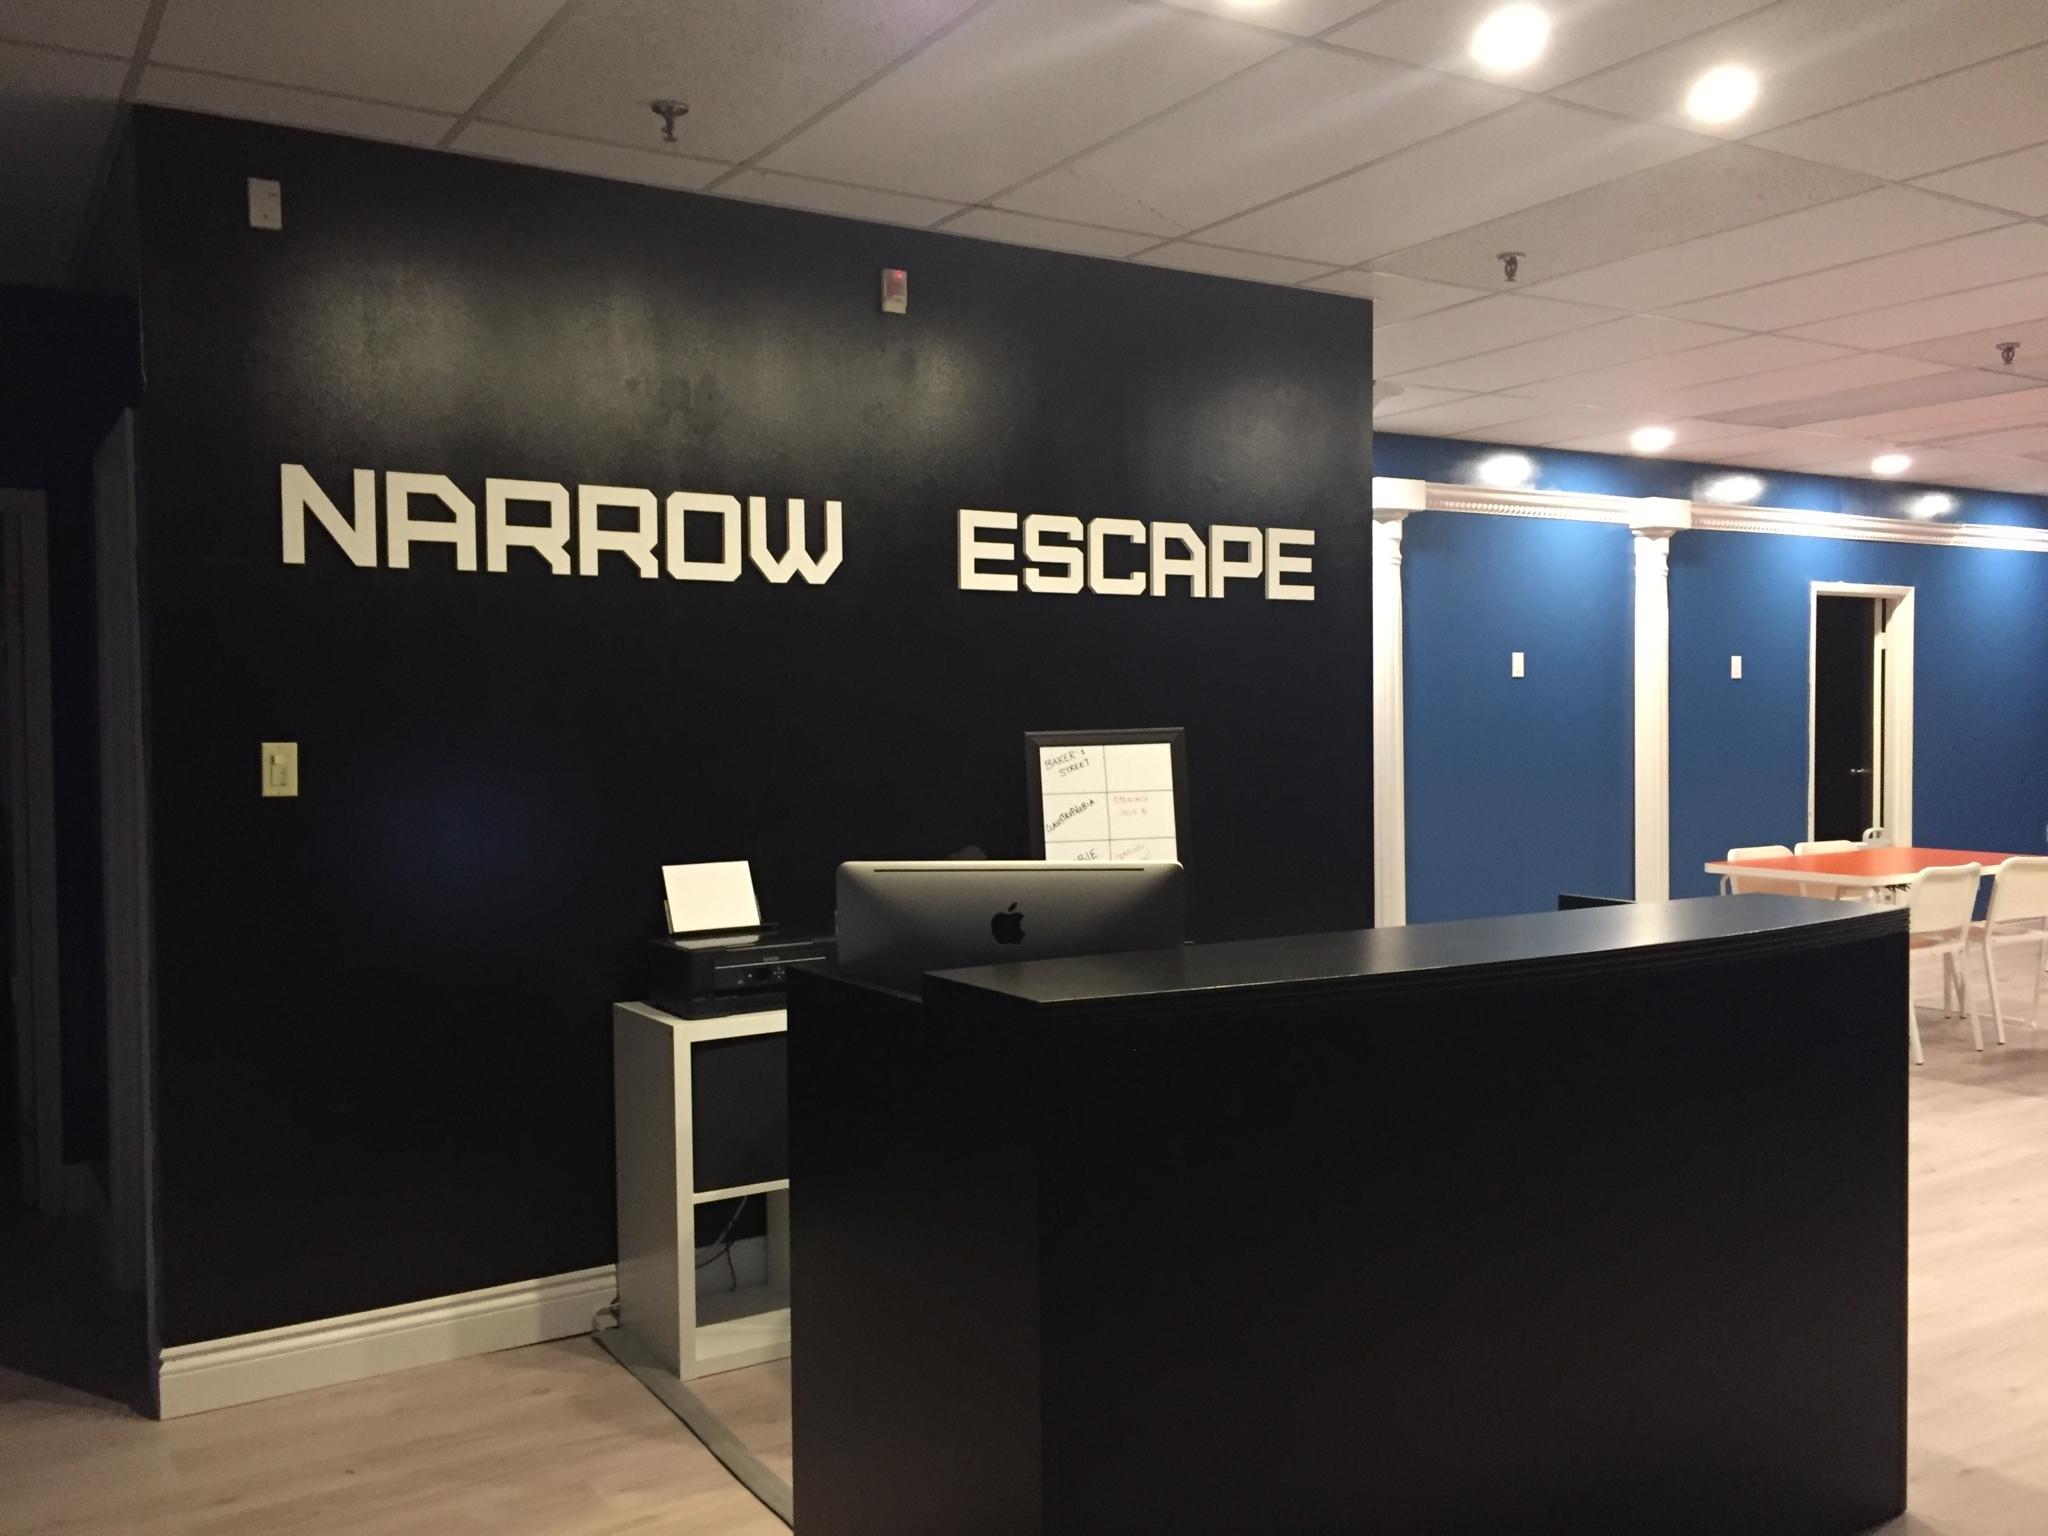 narrow escape Narrow : la traduzione del dizionario hoepli inglese-italiano scopri i nostri dizionari di italiano, inglese e l'enciclopedia zanichelli.